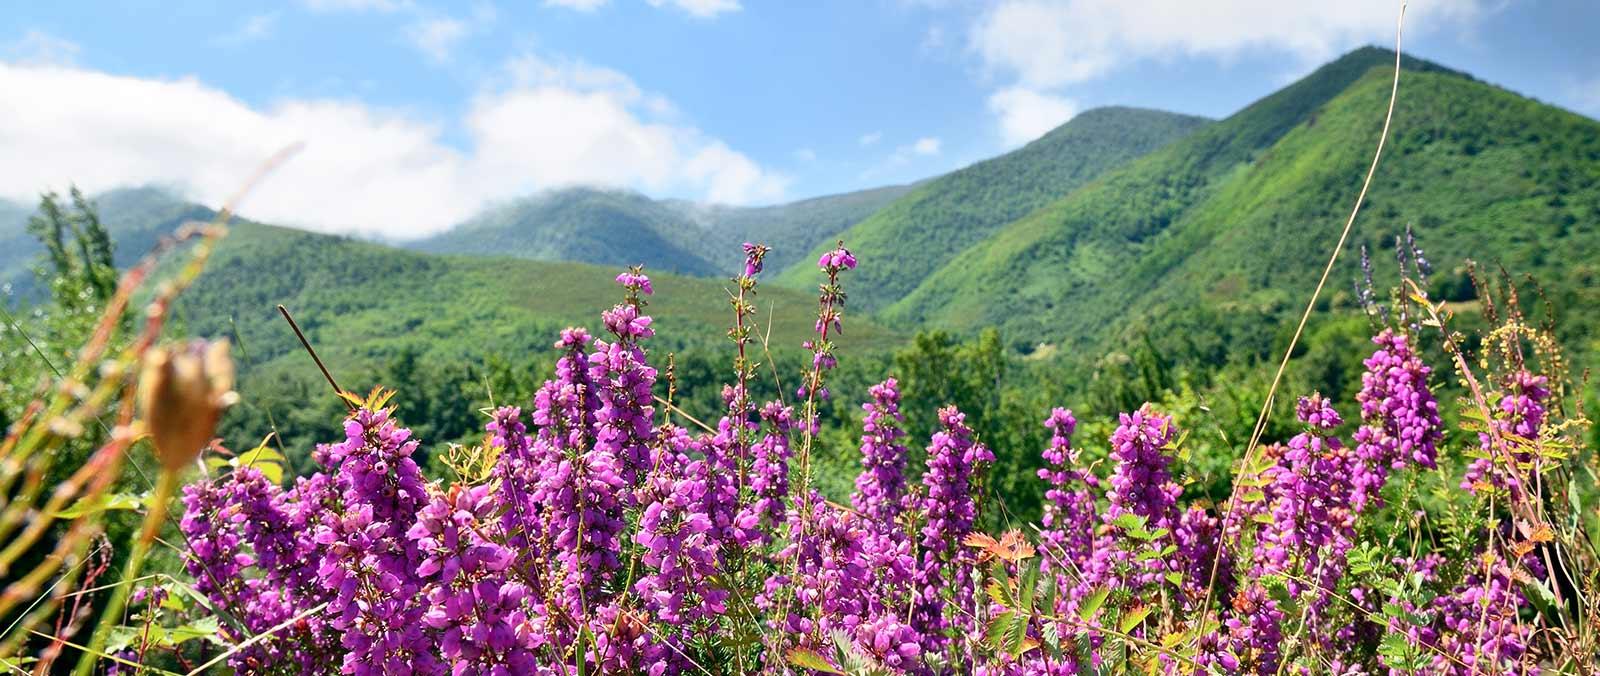 El Brezo (Erica cinerea) tapiza los suelos del el Parque Natural de las Fuentes del Narcea, Degaña e Ibias, Asturias